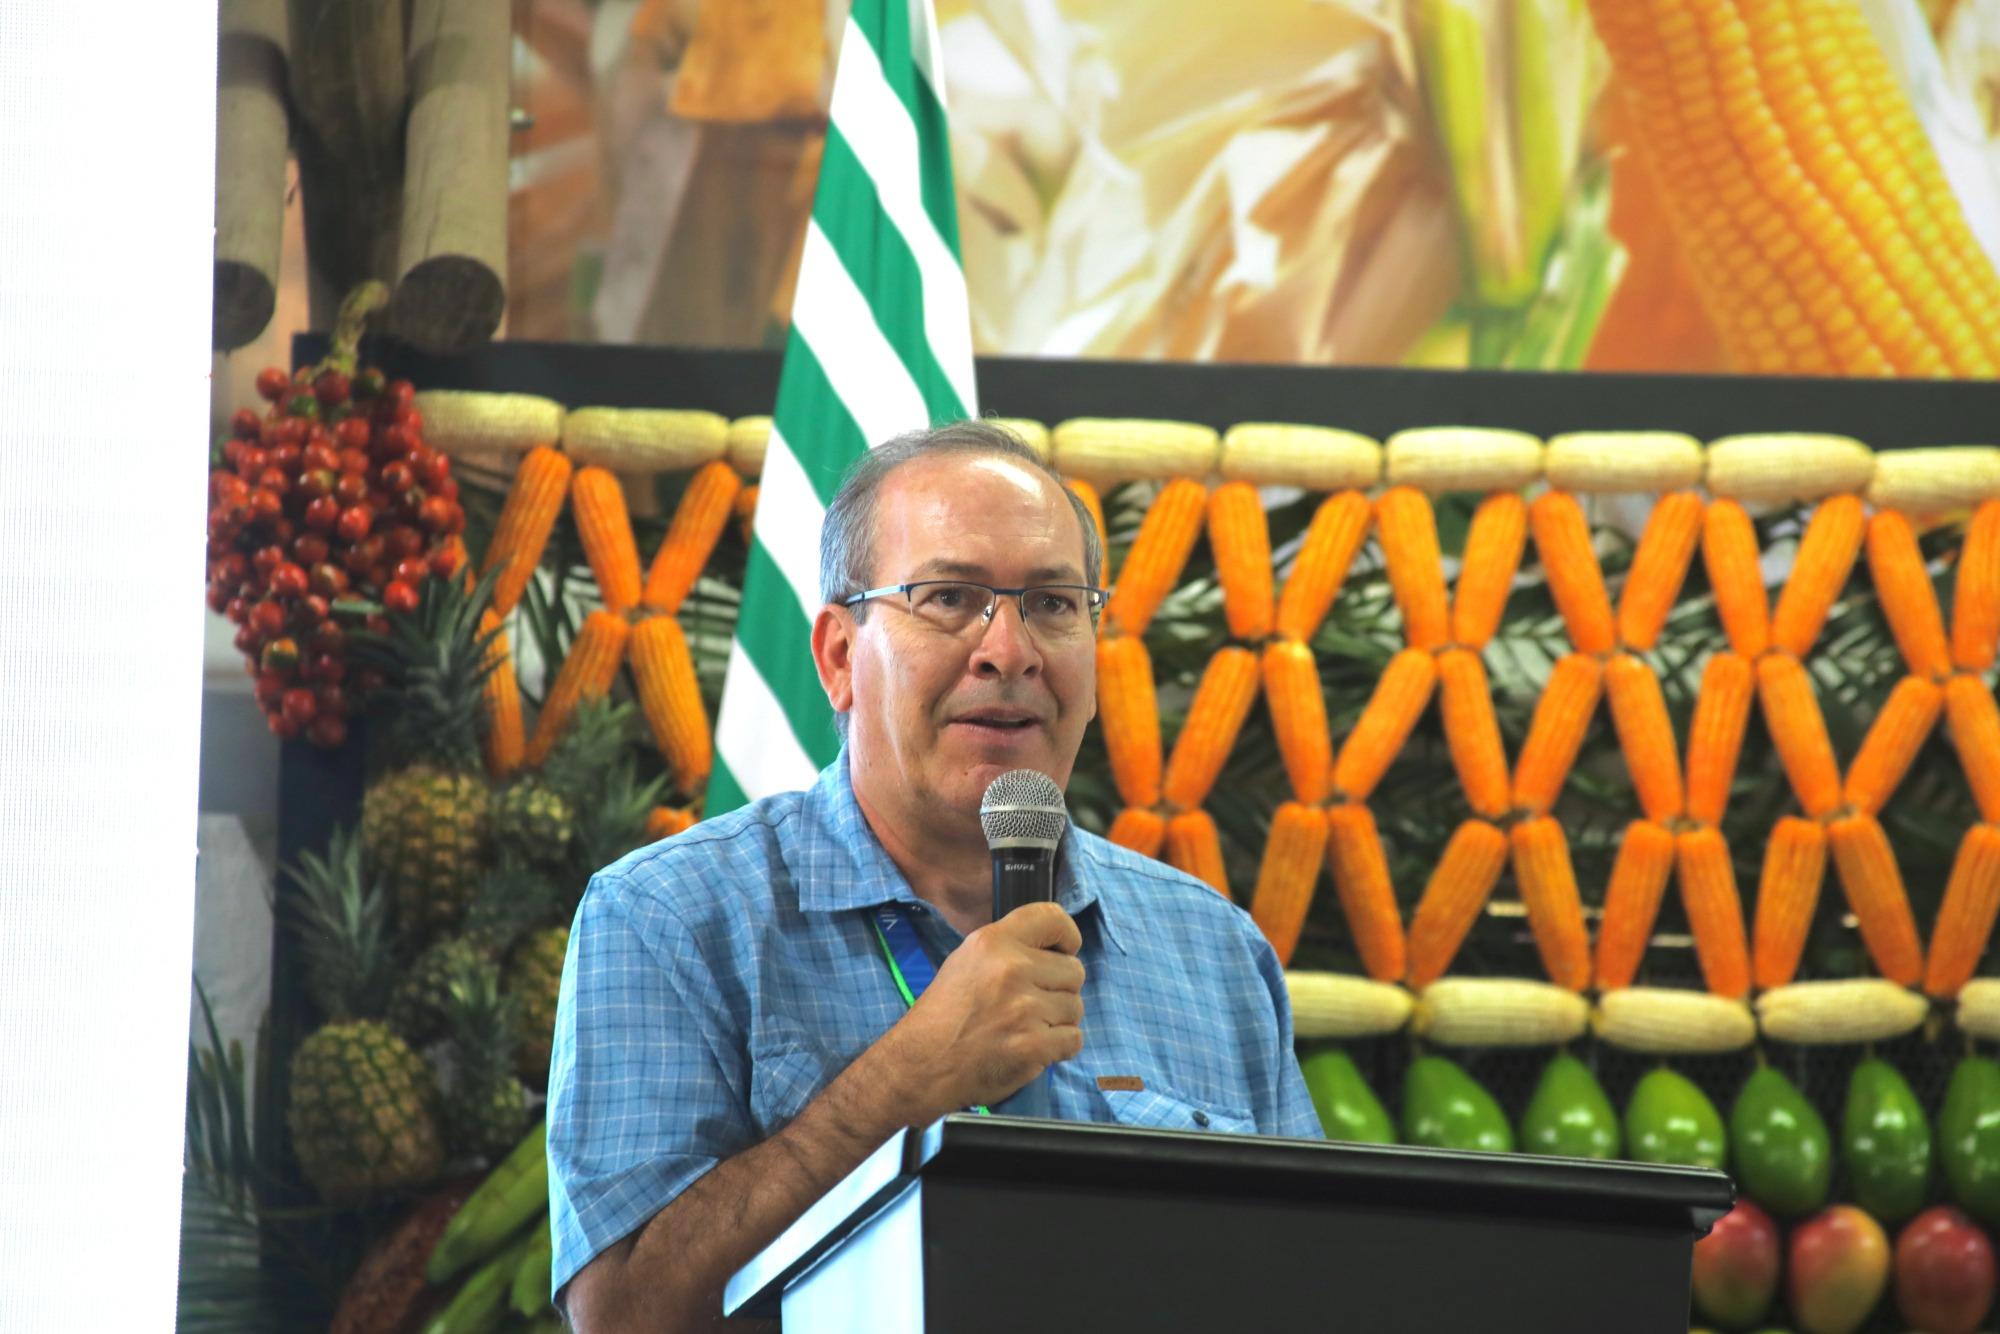 La ganadería en los Llanos Orientales fue el tema central en la agenda académica de ExpoMalocas 2020